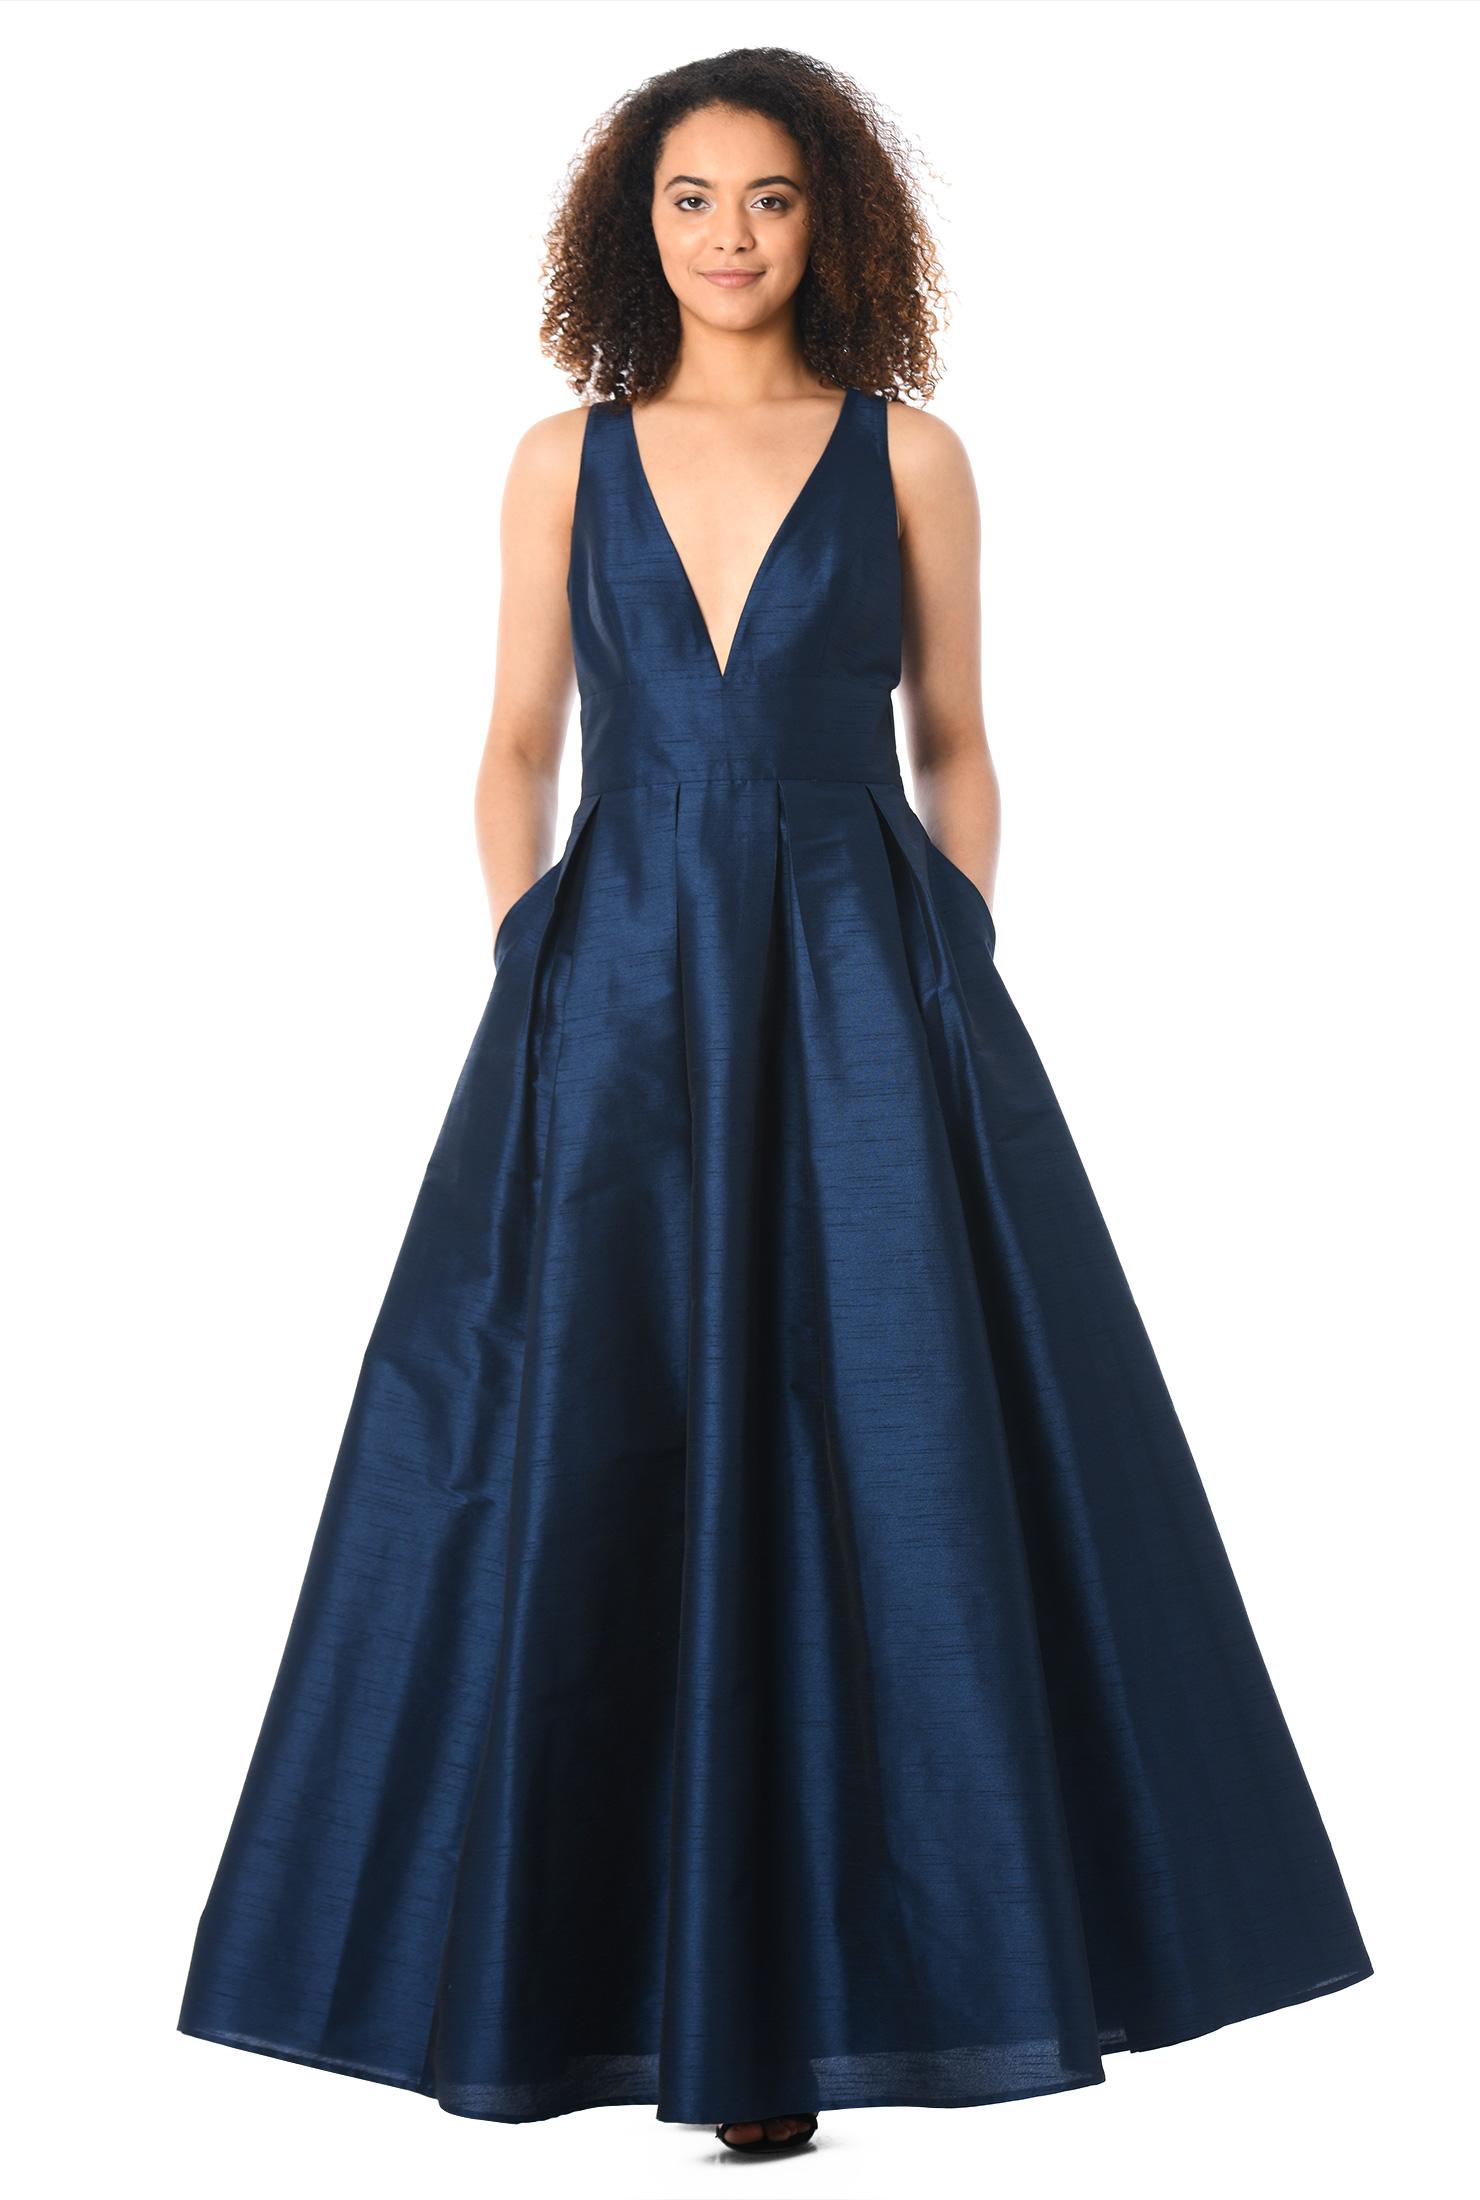 Women s Fashion Clothing 0-36W and Custom d5bd7aeaf